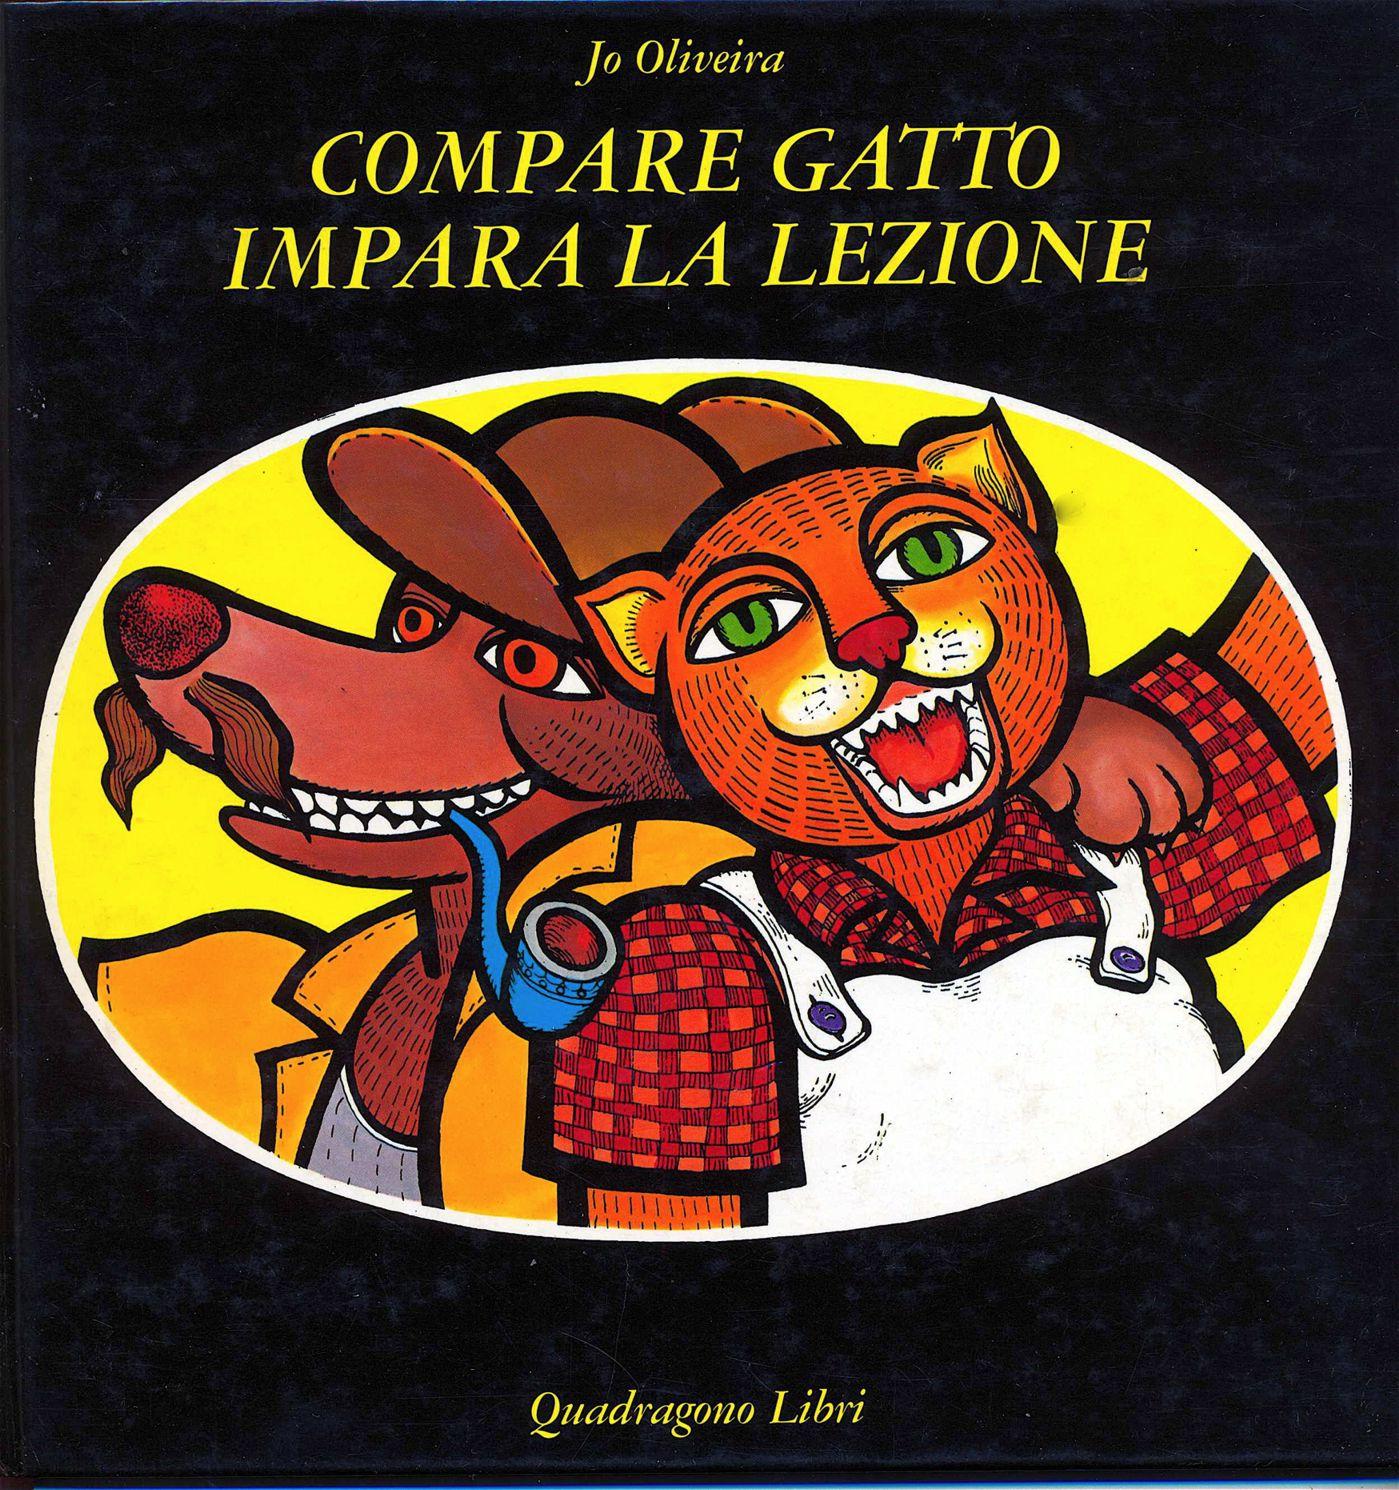 Compare_Gatto_Impara_la_Lezione